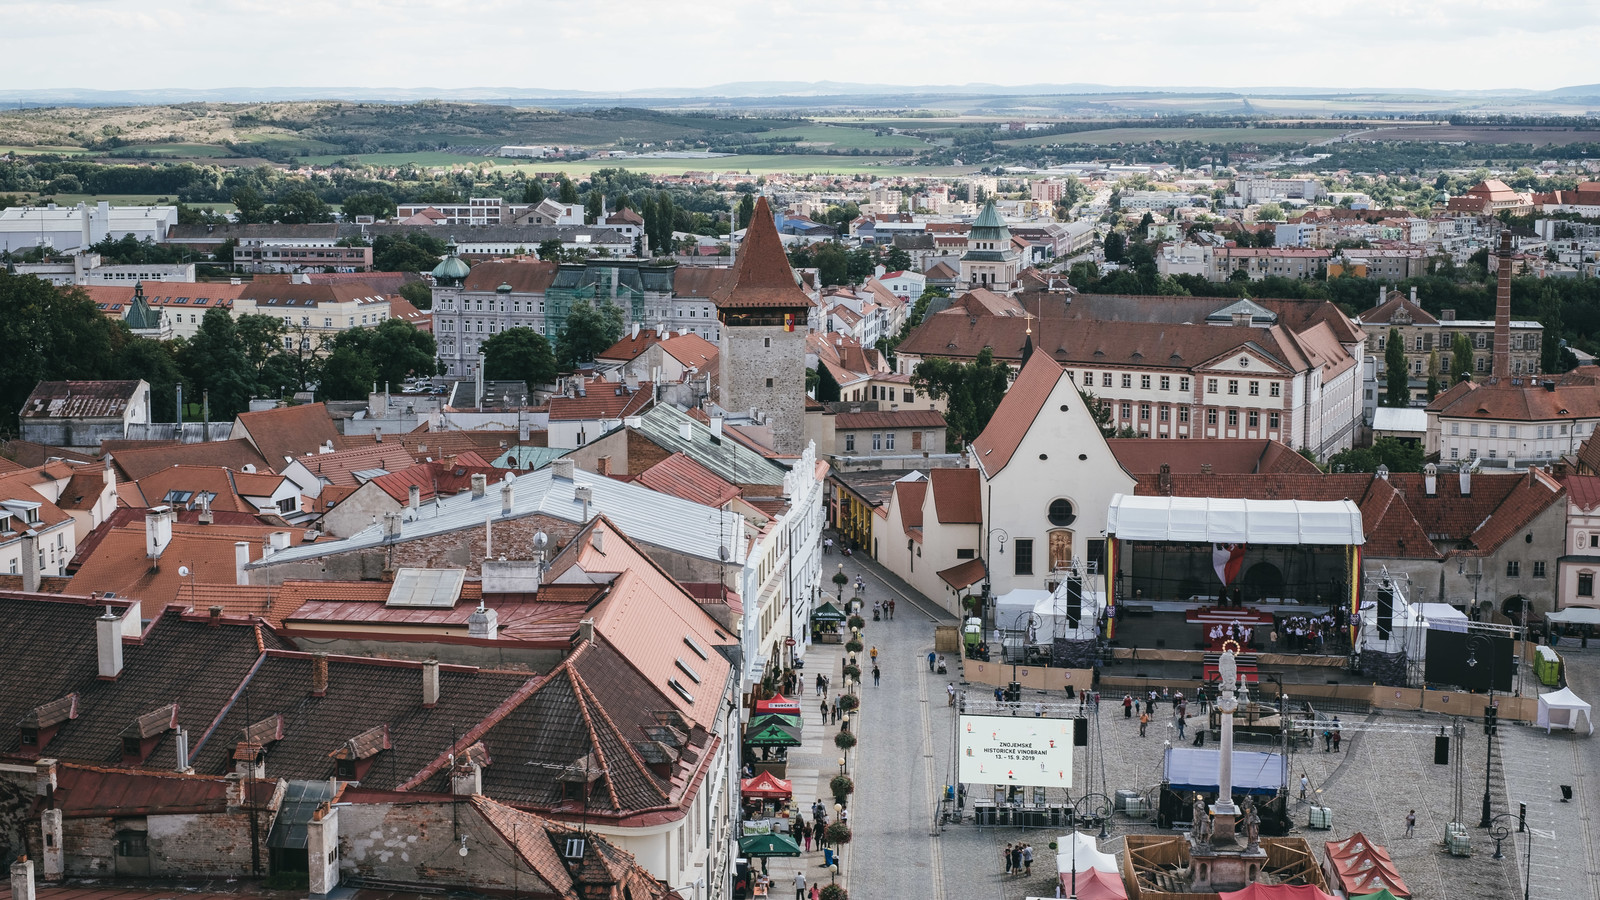 「ズノイモ市街の町並み(チェコ共和国)」の写真